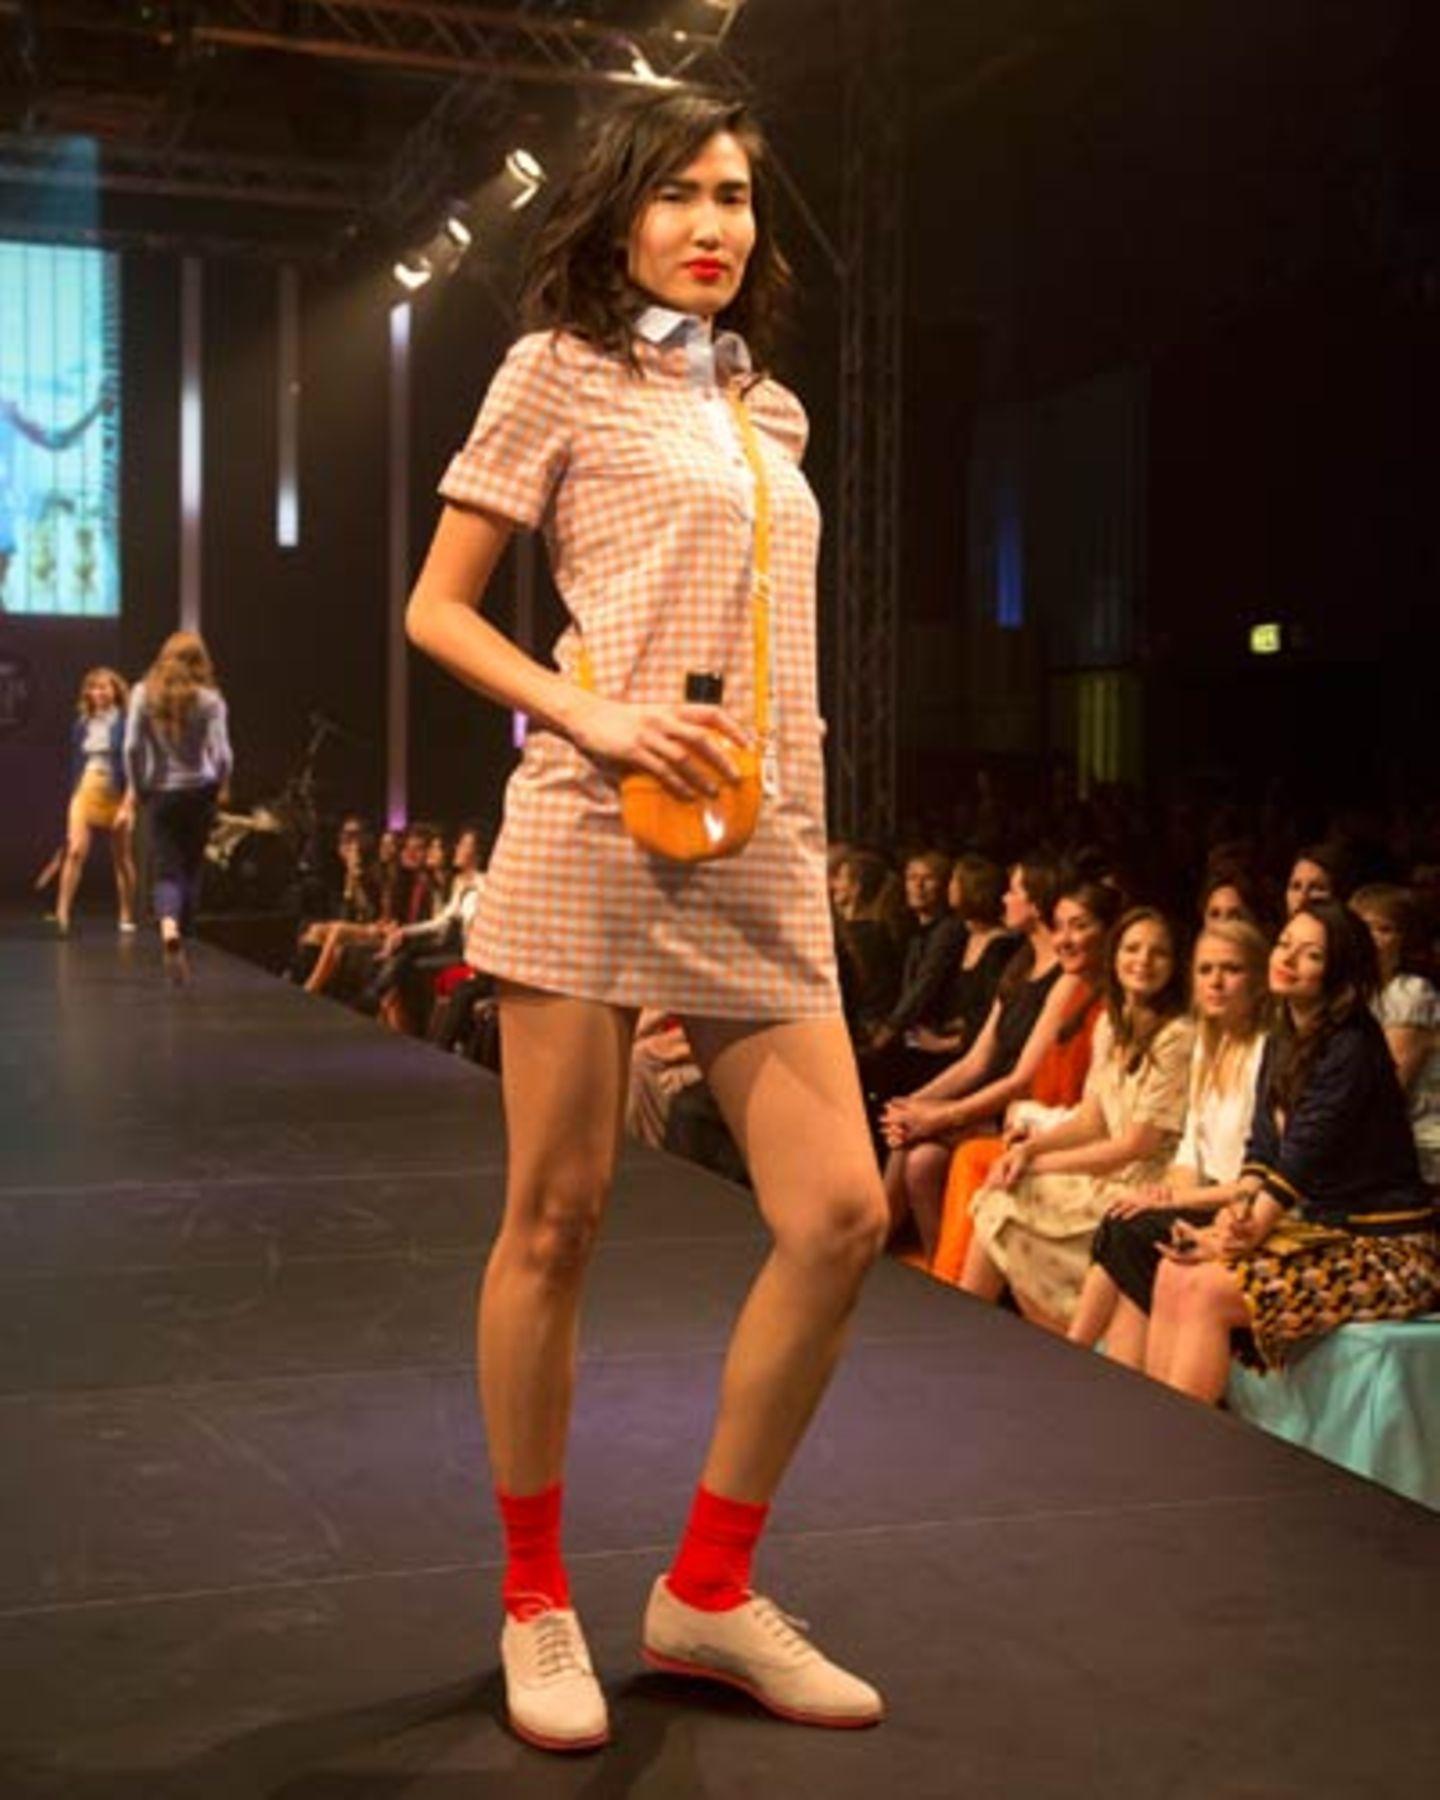 Das Minikleid stammt von Sessùn, die Schuhe sind von Pretty Ballerinas. Socken: Item M6. Feldflasche: Vintage.